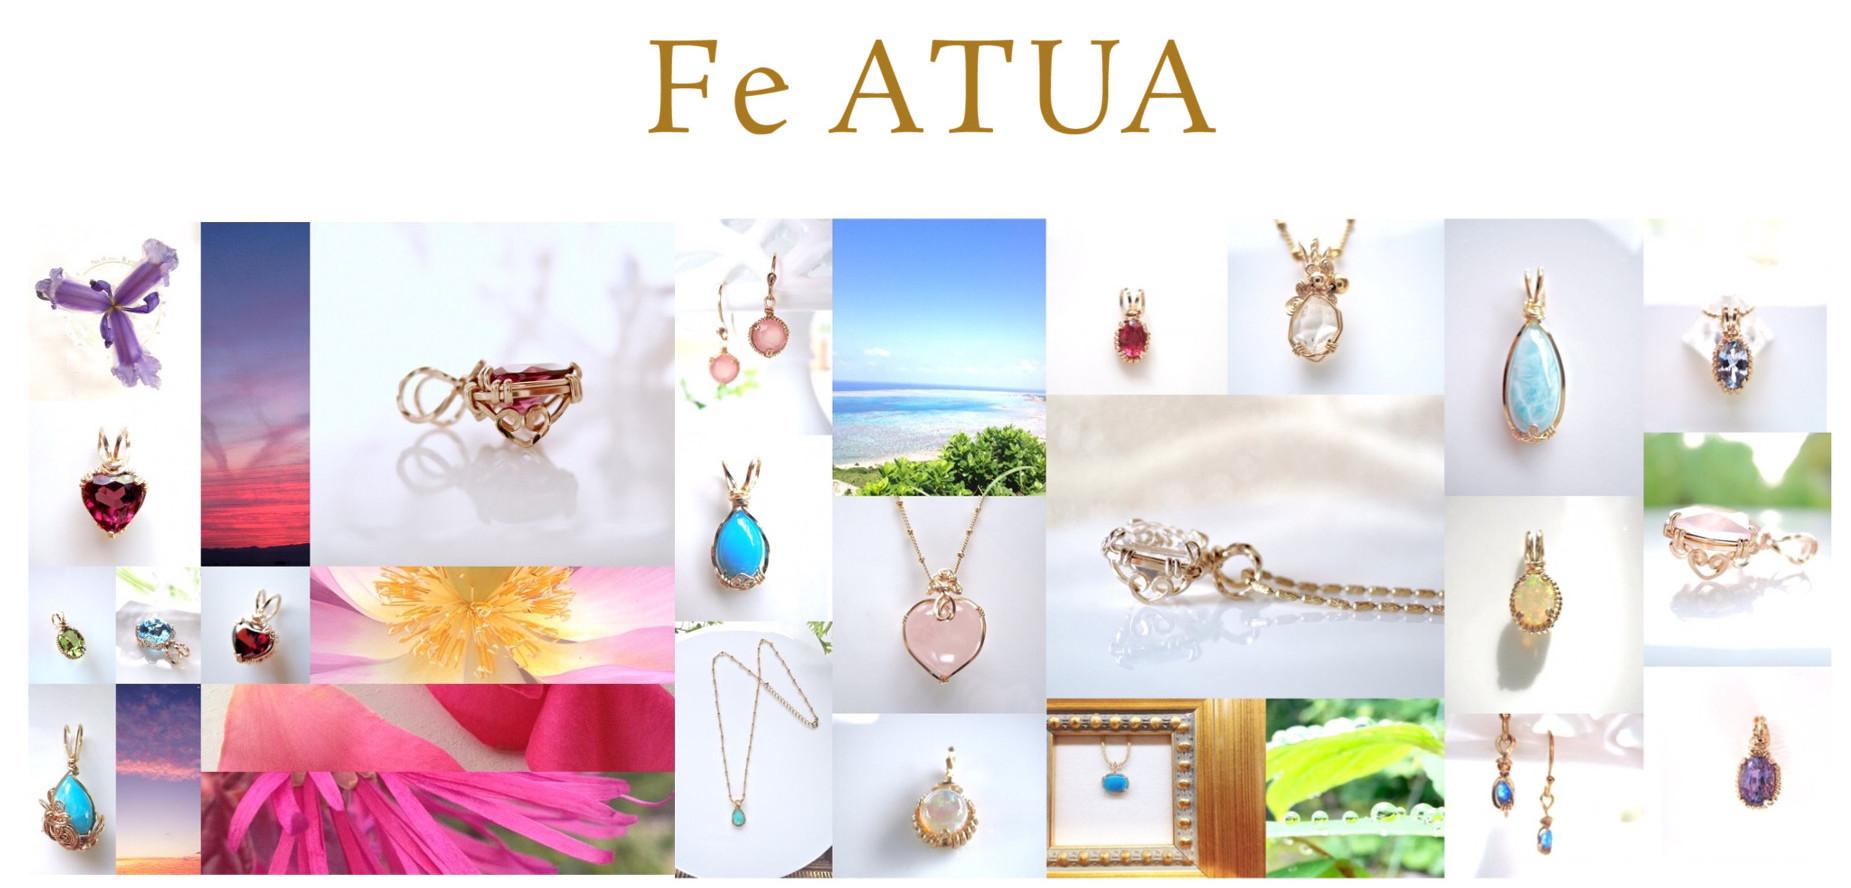 Fe ATUA